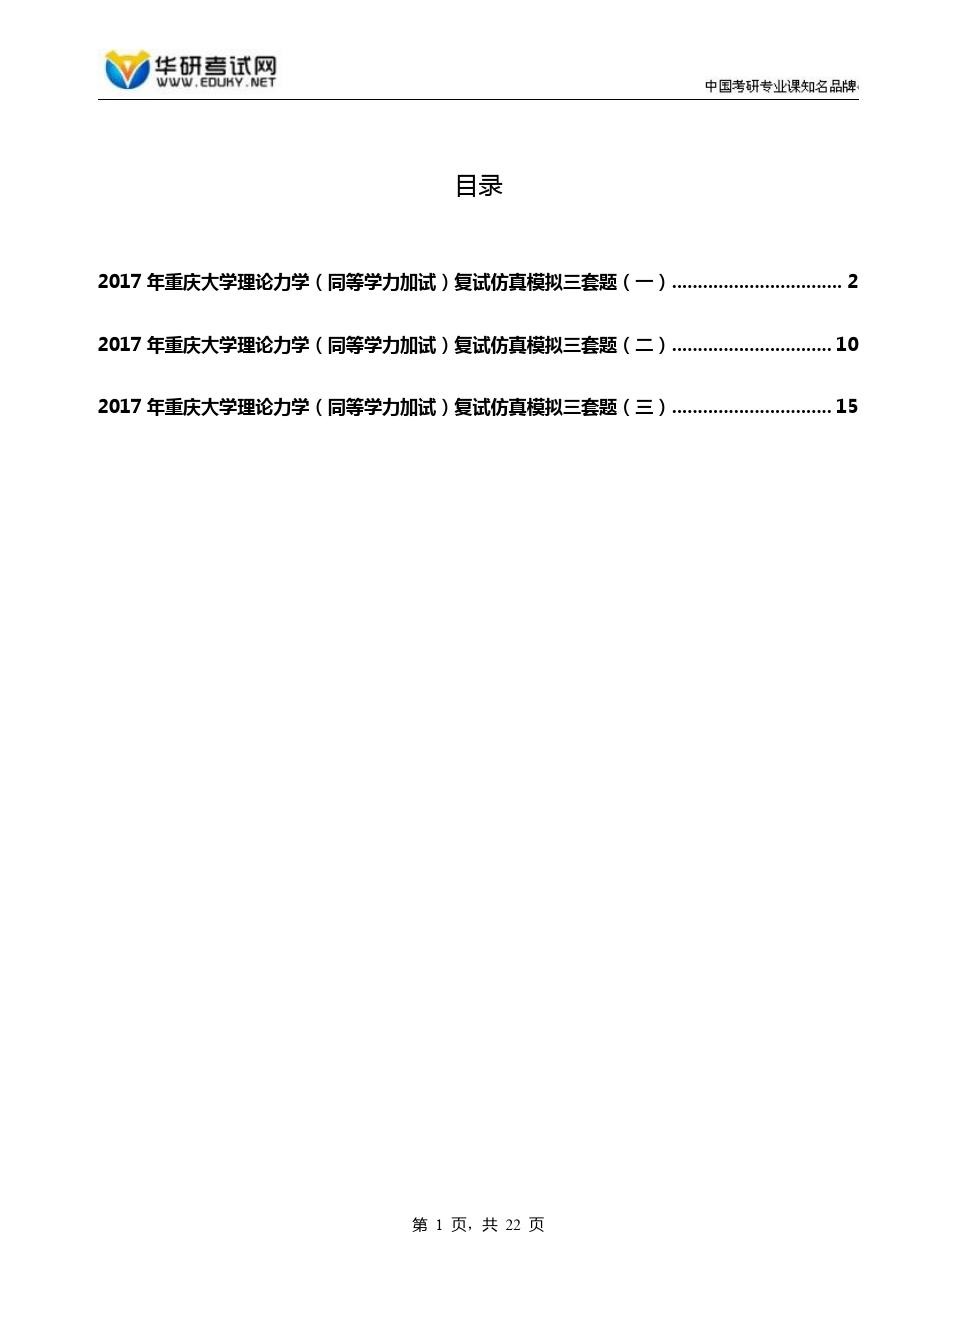 2017年重庆大学理论力学(同等学力加试)复试仿真模拟三套题